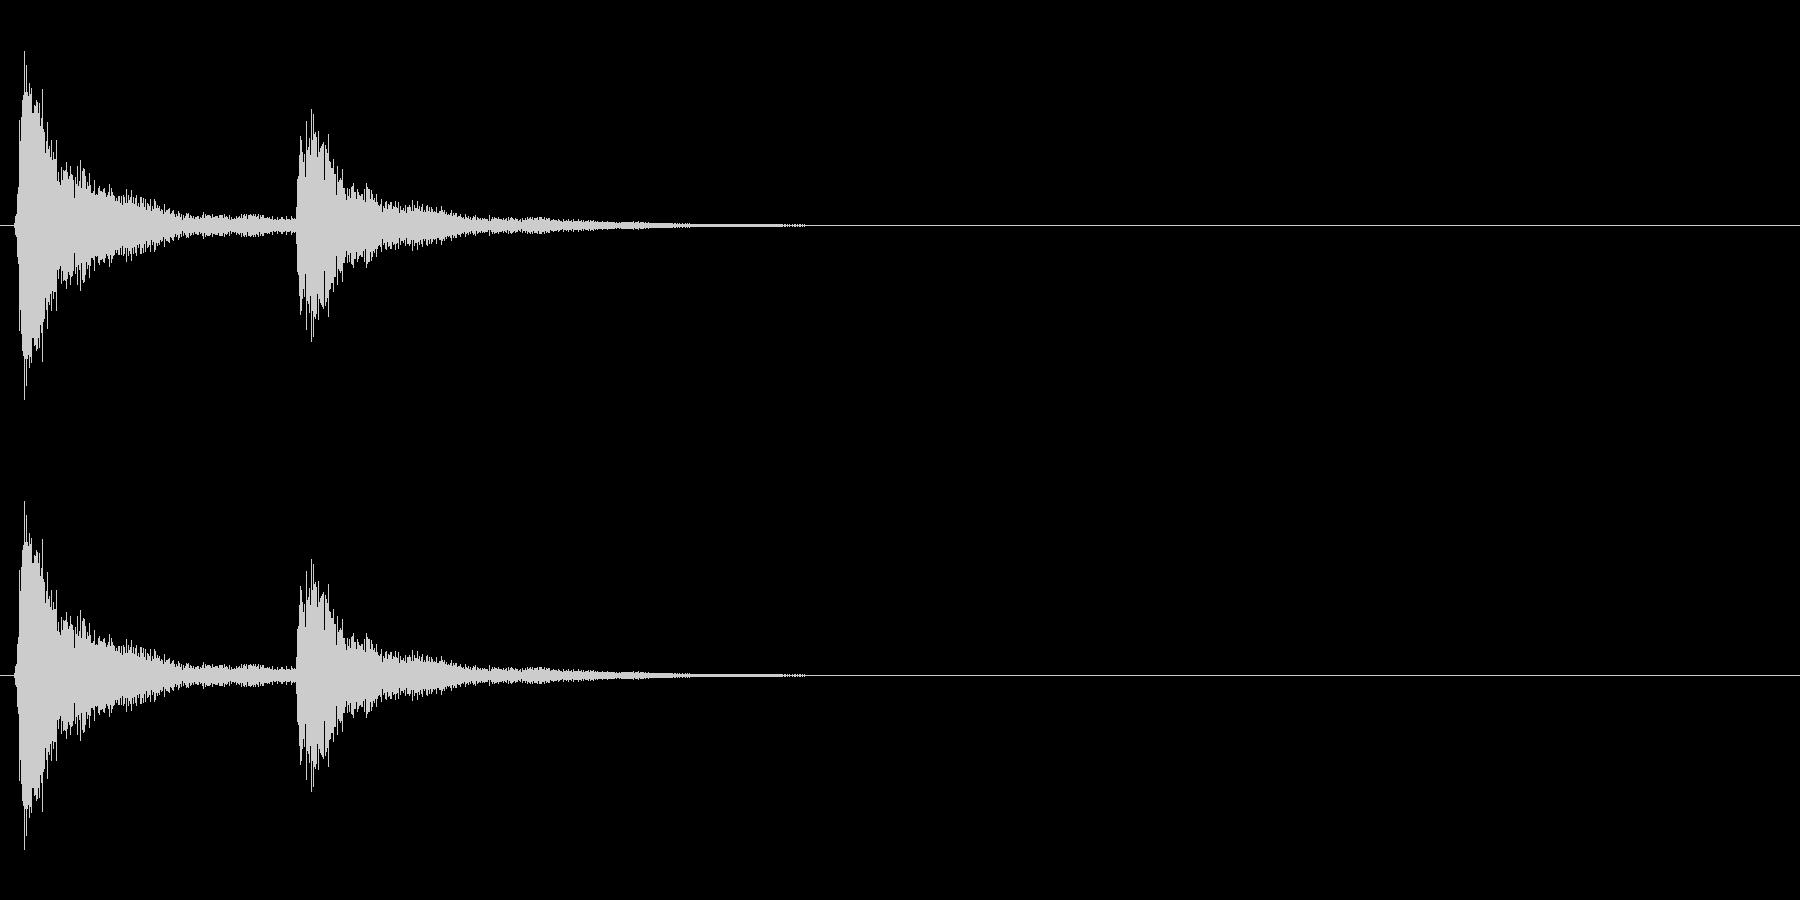 音侍「チチン」お囃子の当たり鉦の連打音の未再生の波形